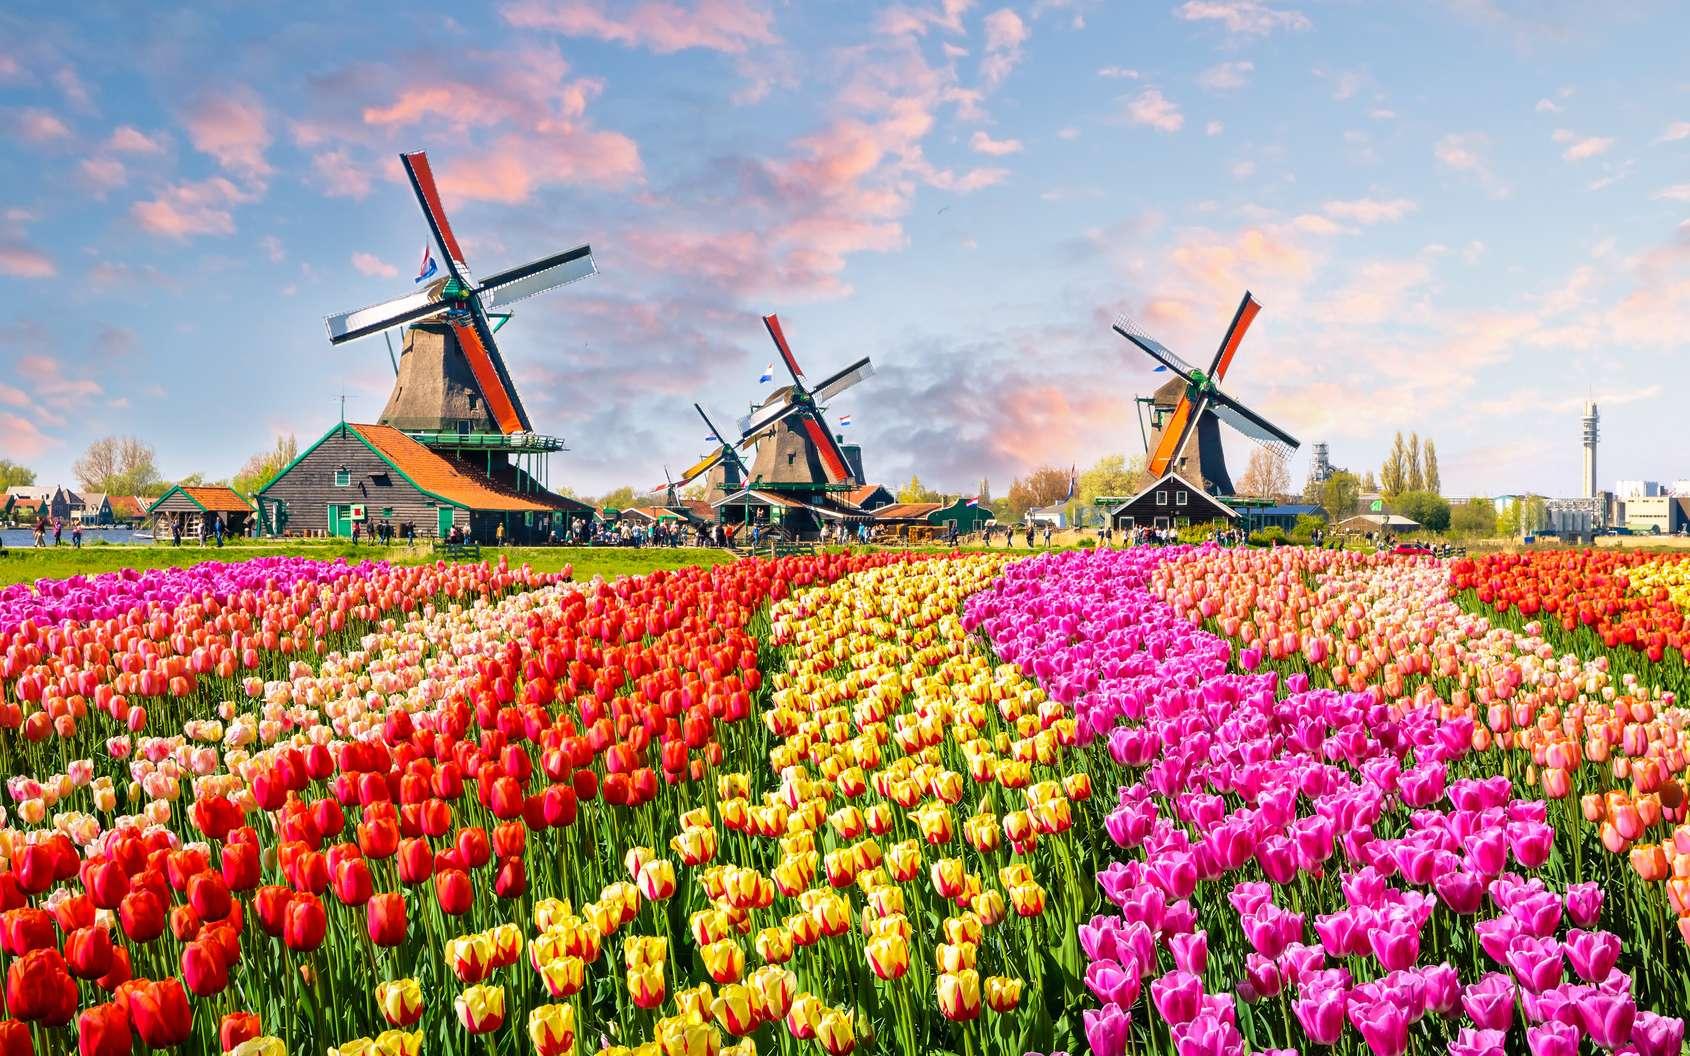 Paysage typique de la campagne néerlandaise avec son champ de tulipe et ses moulins à vent. © olenaznakk, Fotolia